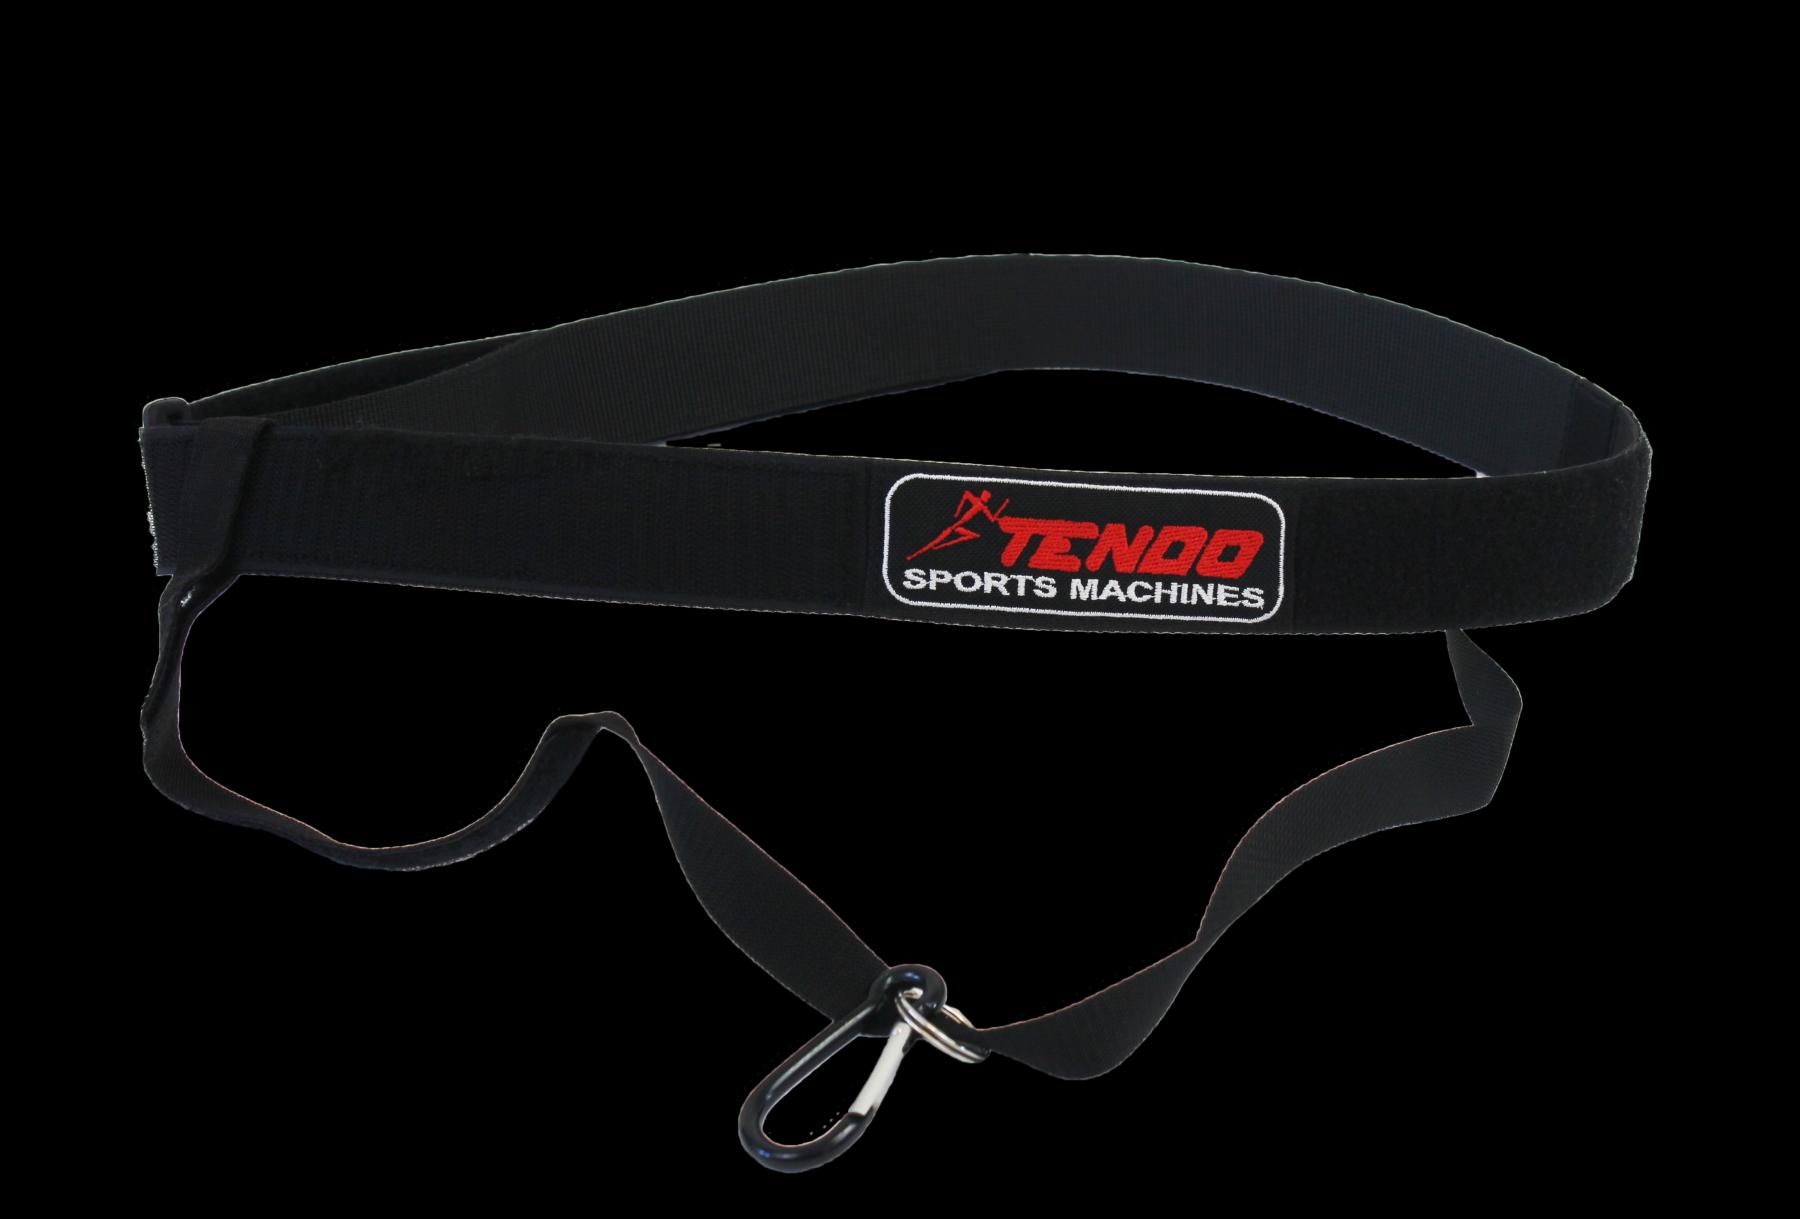 Tendo JumpMat waist belt